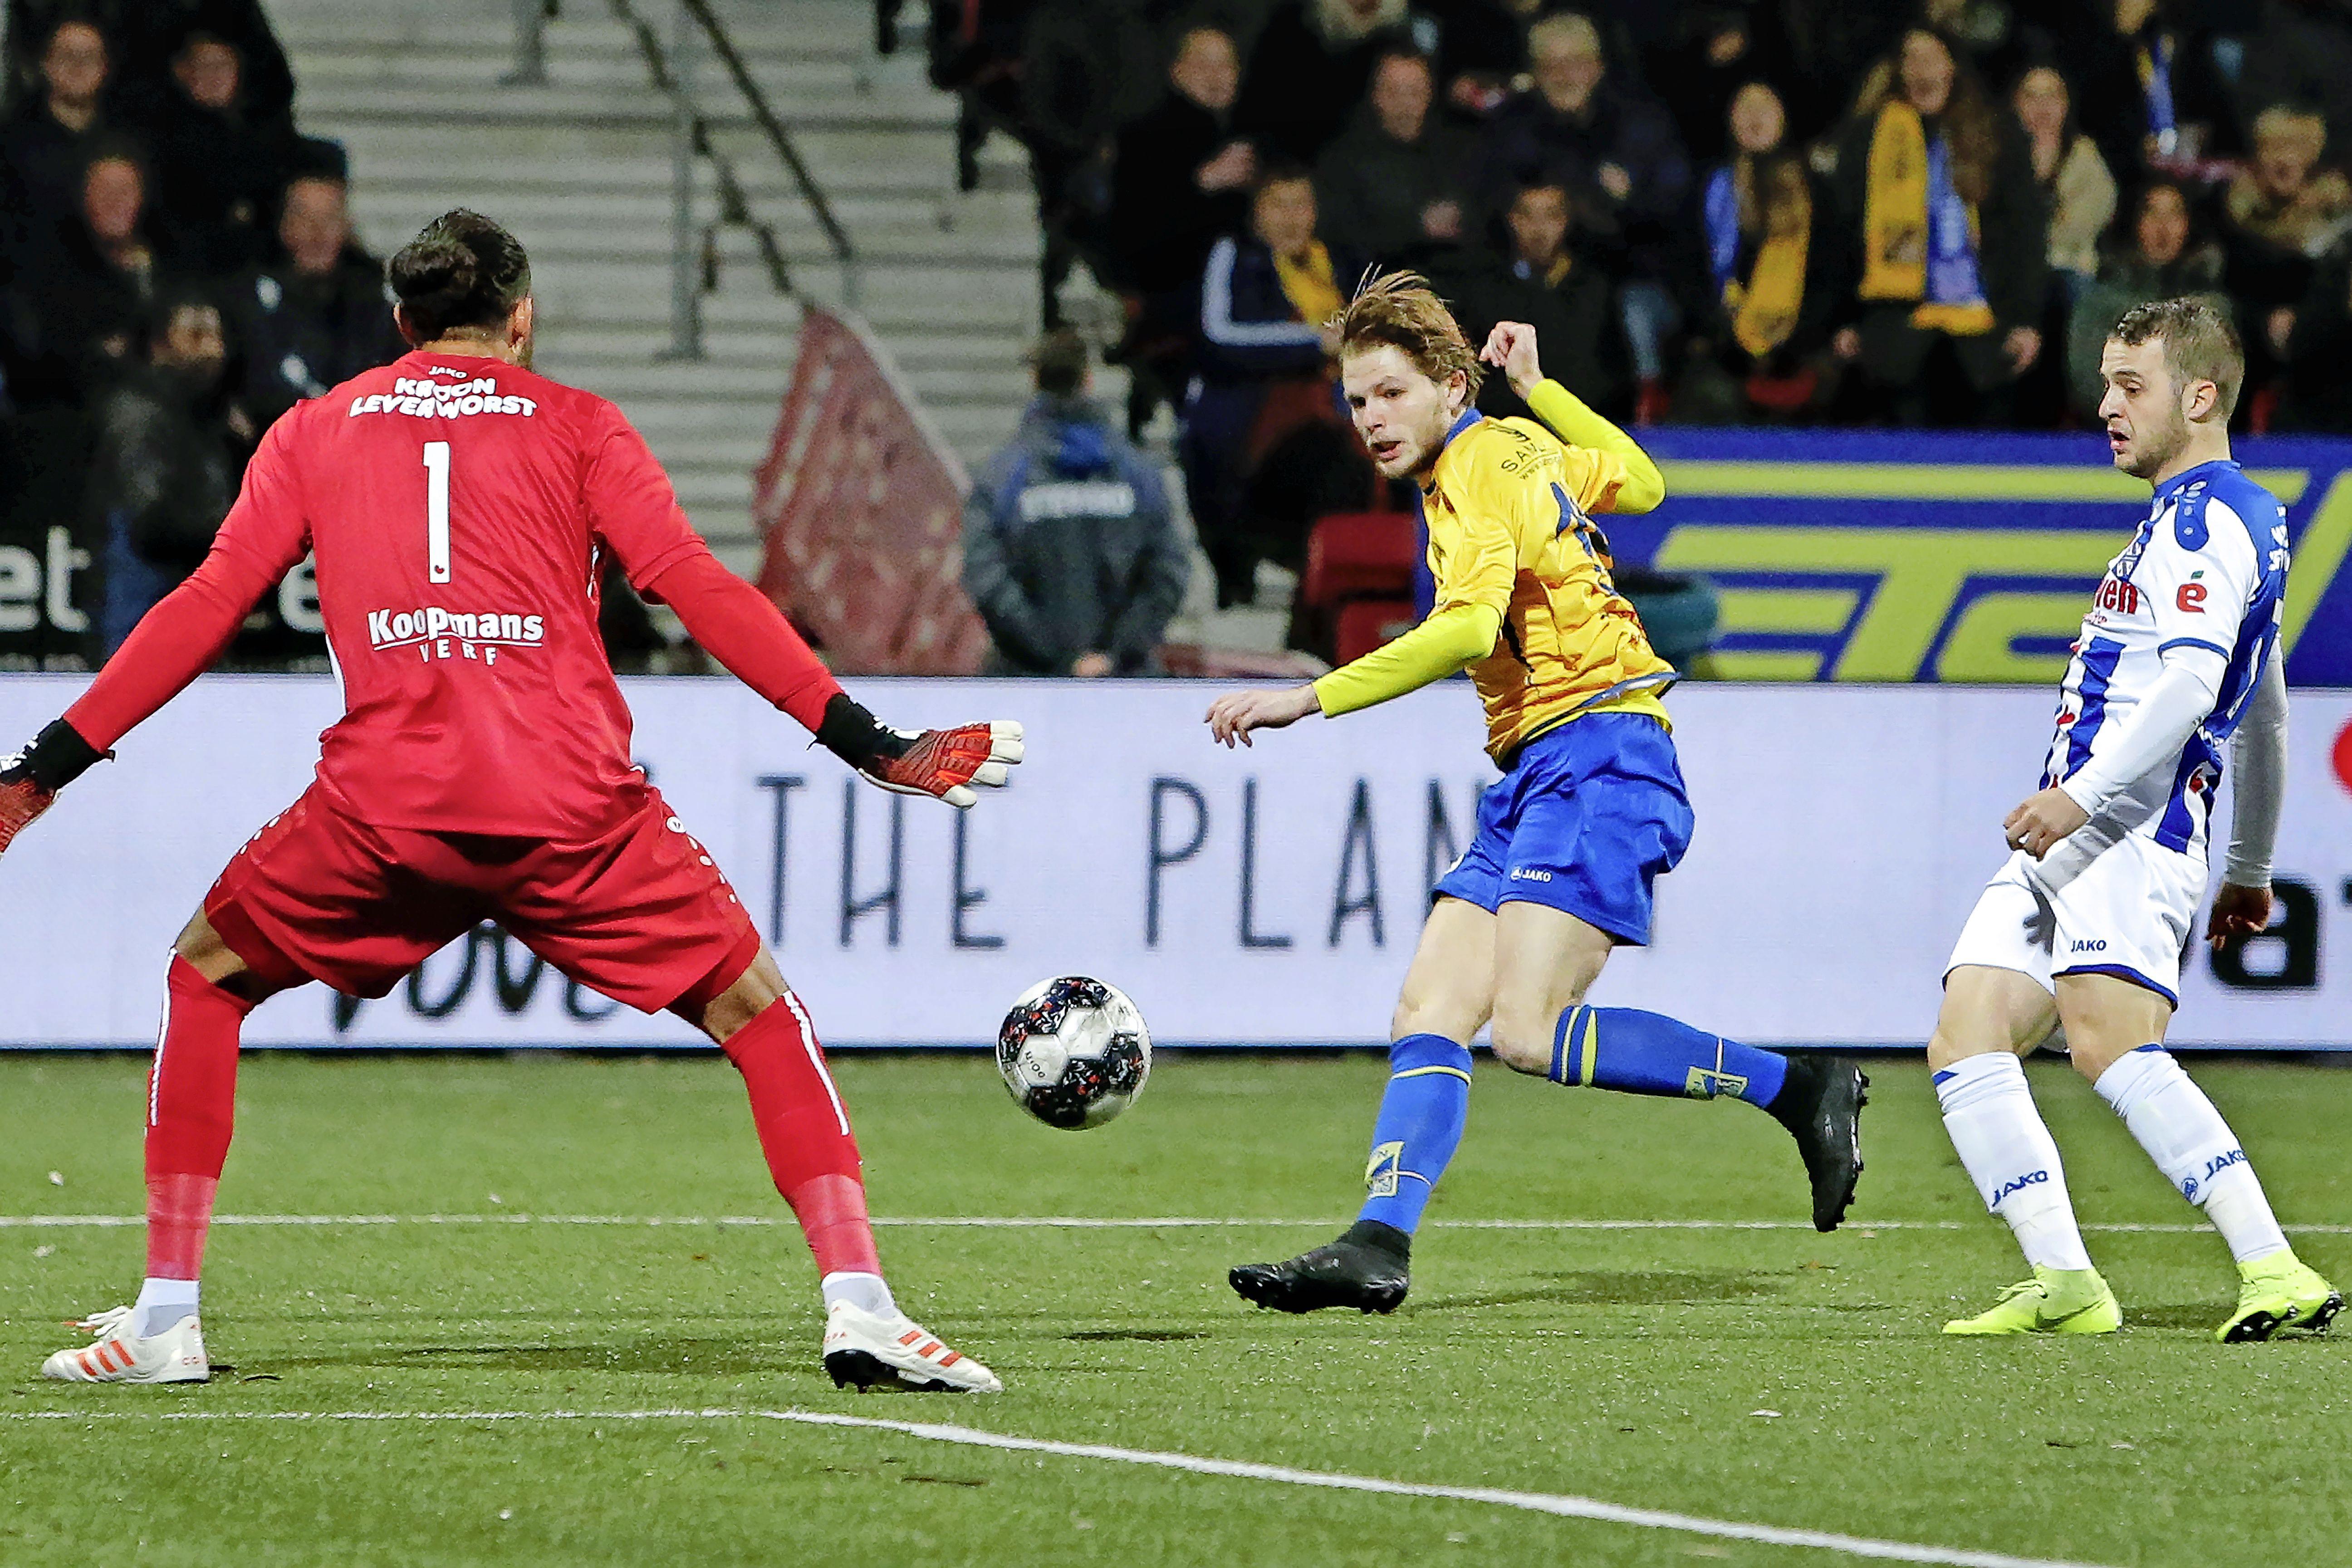 Minder amateurteams in de KNVB Beker. Volgend seizoen geen extra plekken voor hoofdklassers en clubs uit districten